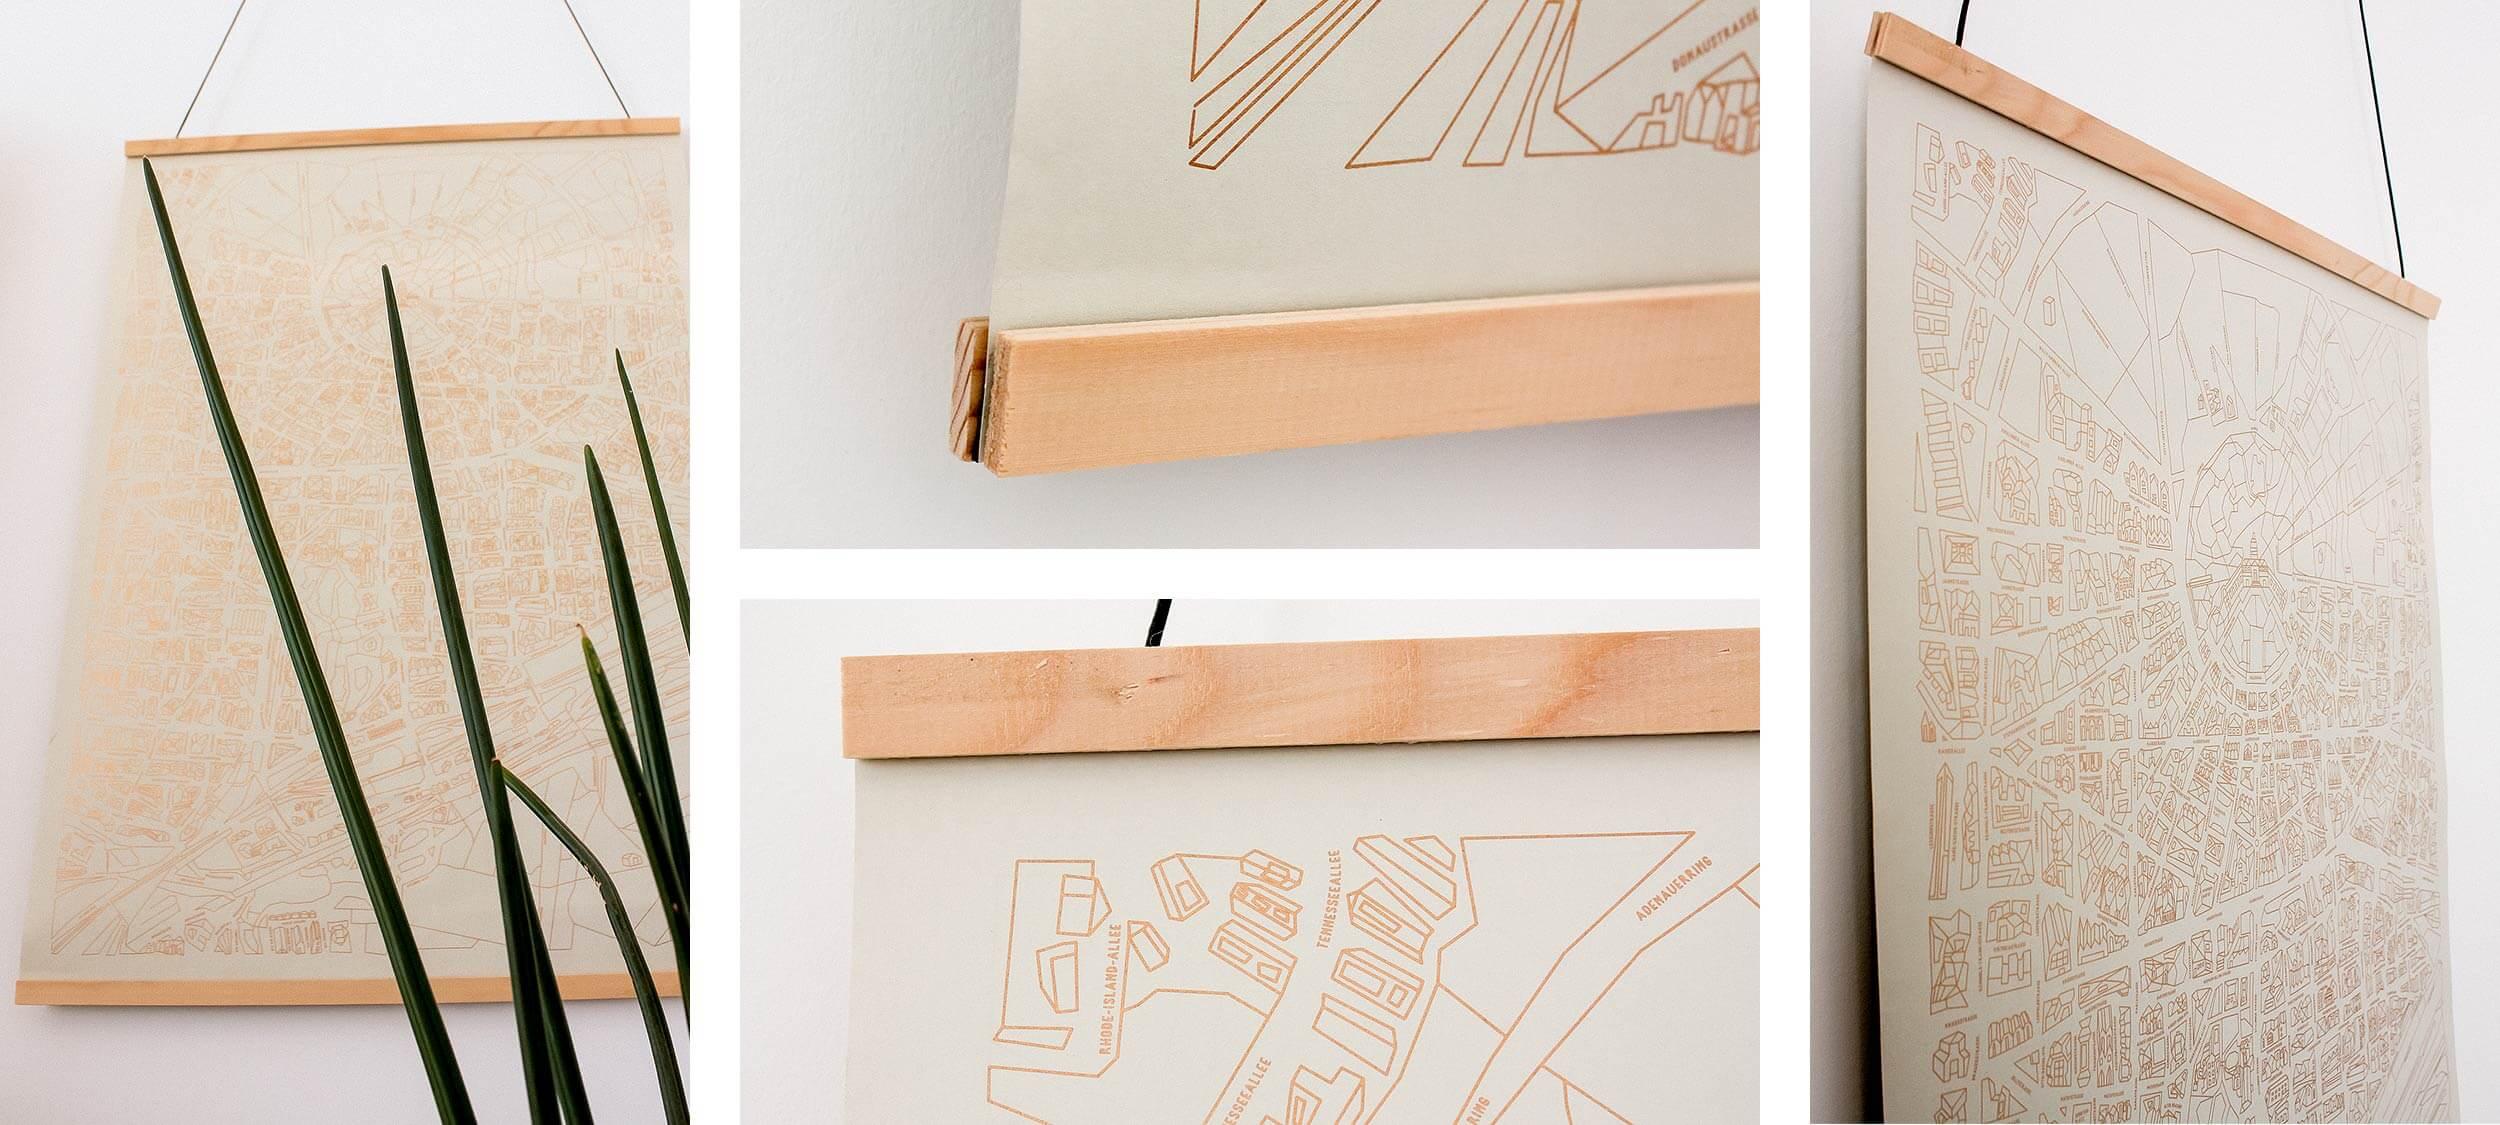 DIY – Posterleisten: Ganz einfach selbst gemacht!